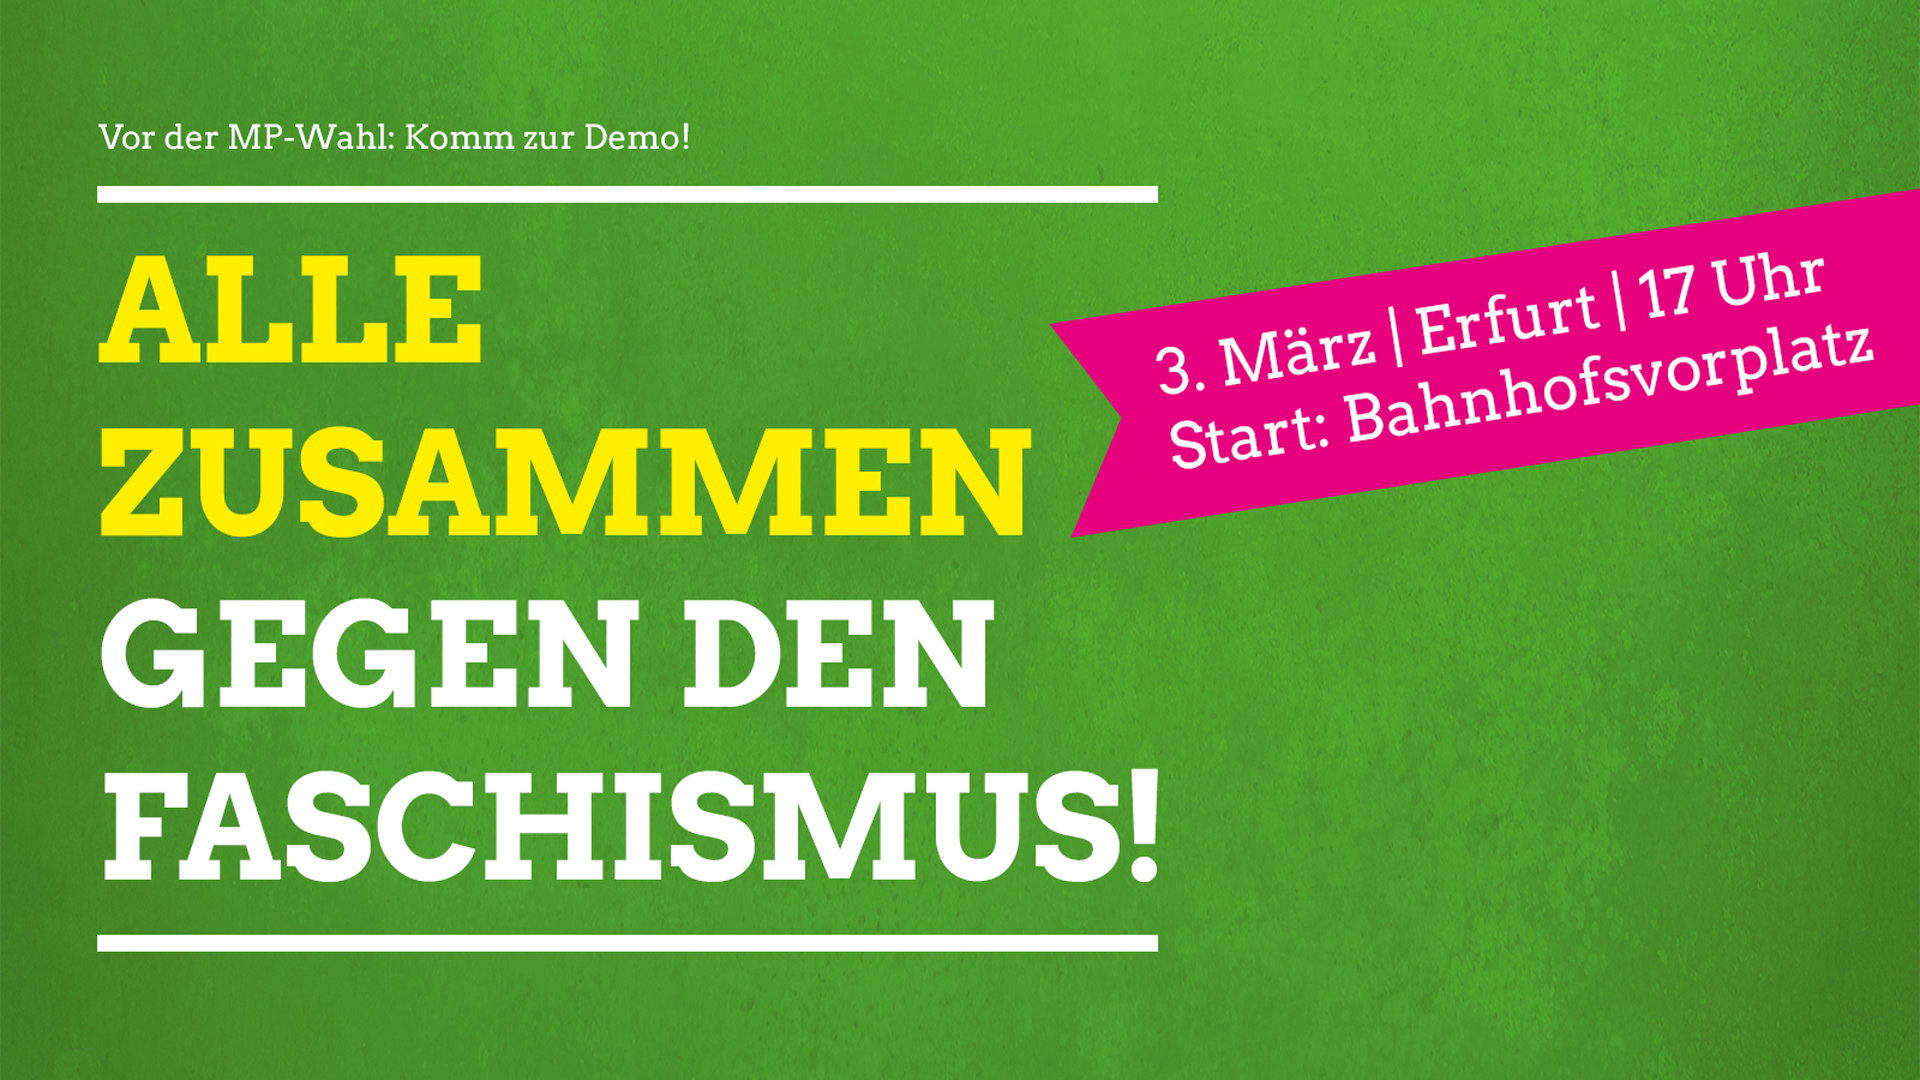 Vor der MP-Wahl: Aufruf zur Demo am 3. März in Erfurt